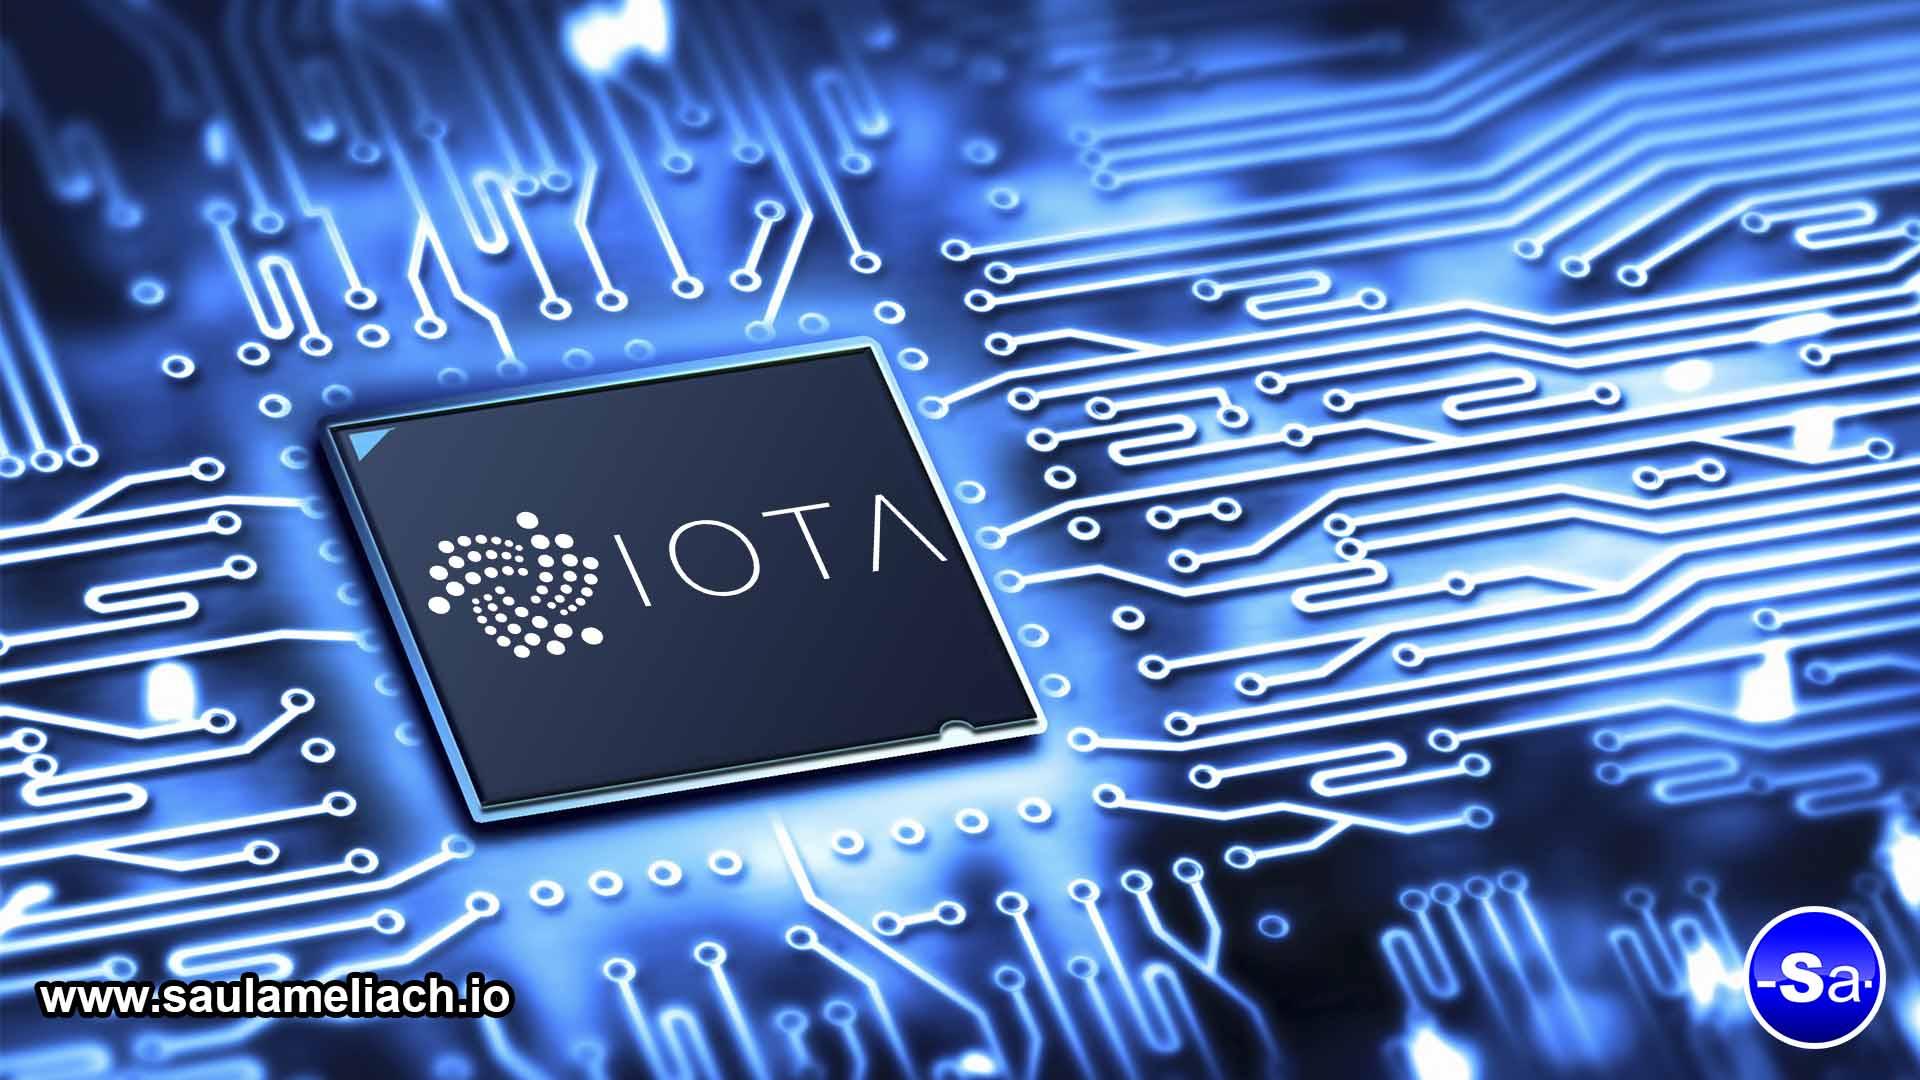 IOTA technology - saul ameliach